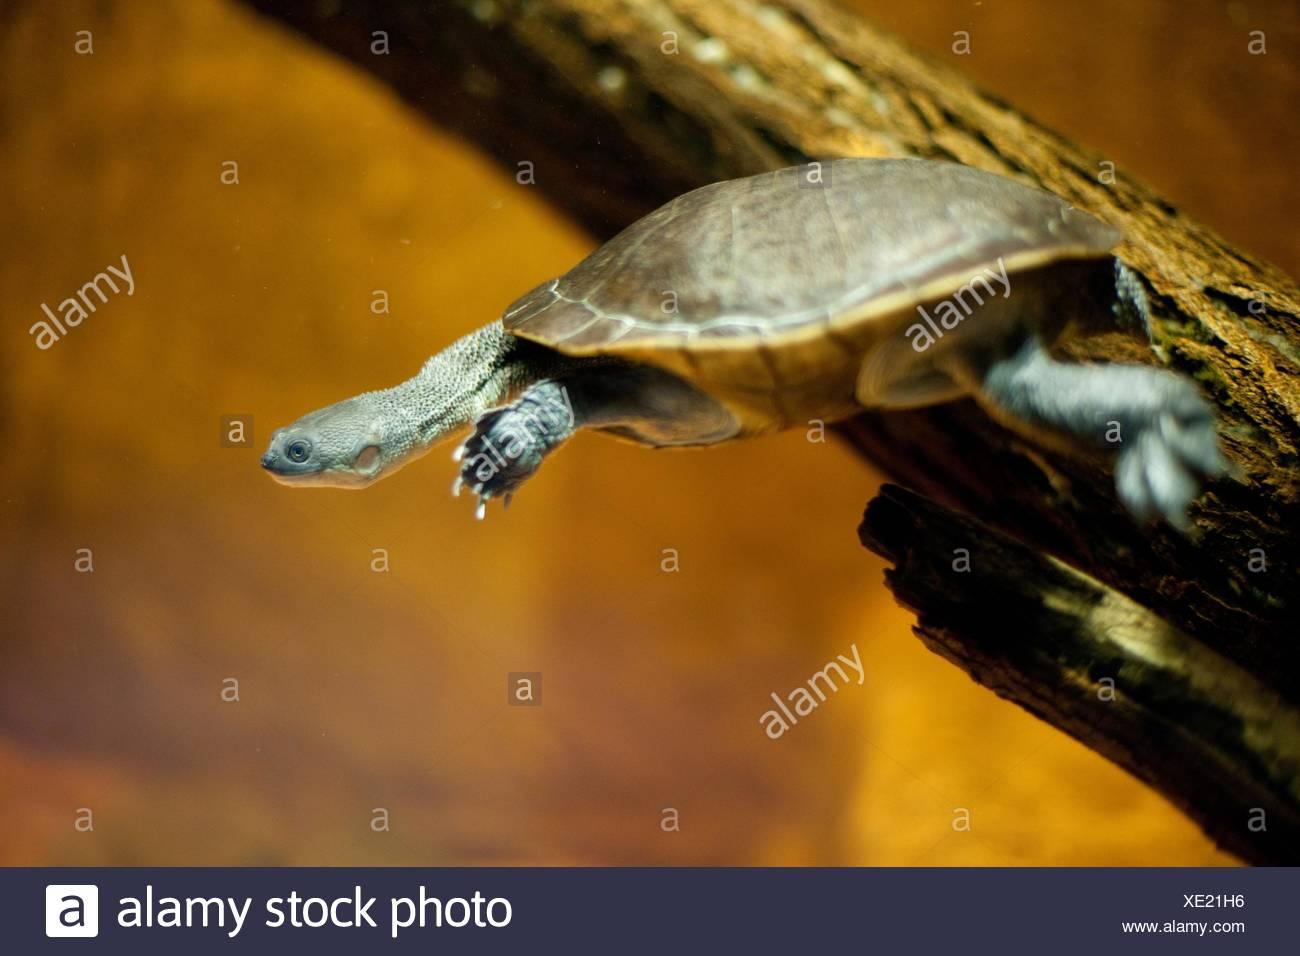 snake-necked turtle - Stock Image